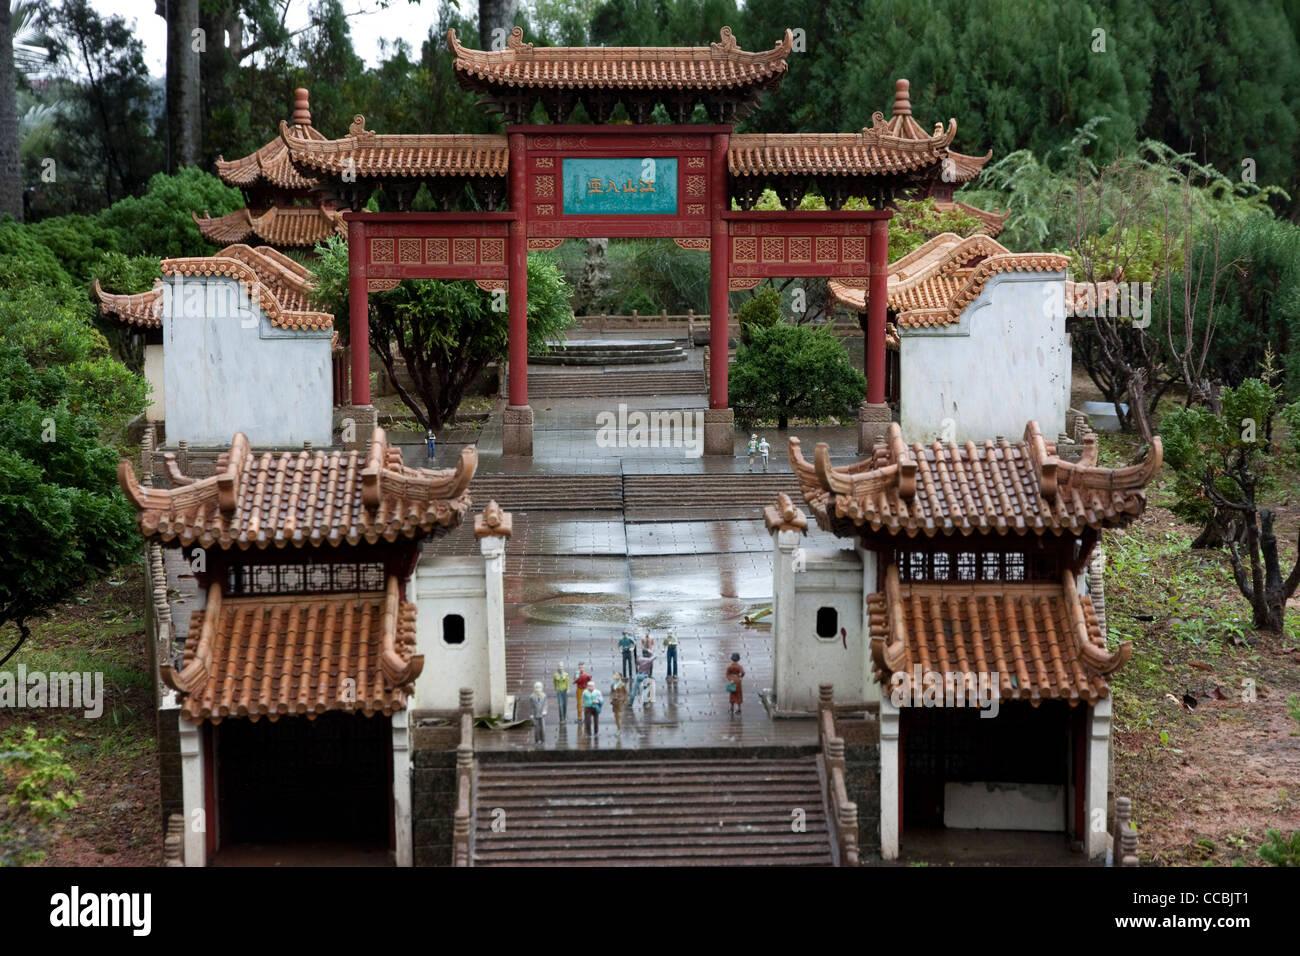 Berühmte Architektur miniatur berühmte architektur aus aller welt am fenster auf china